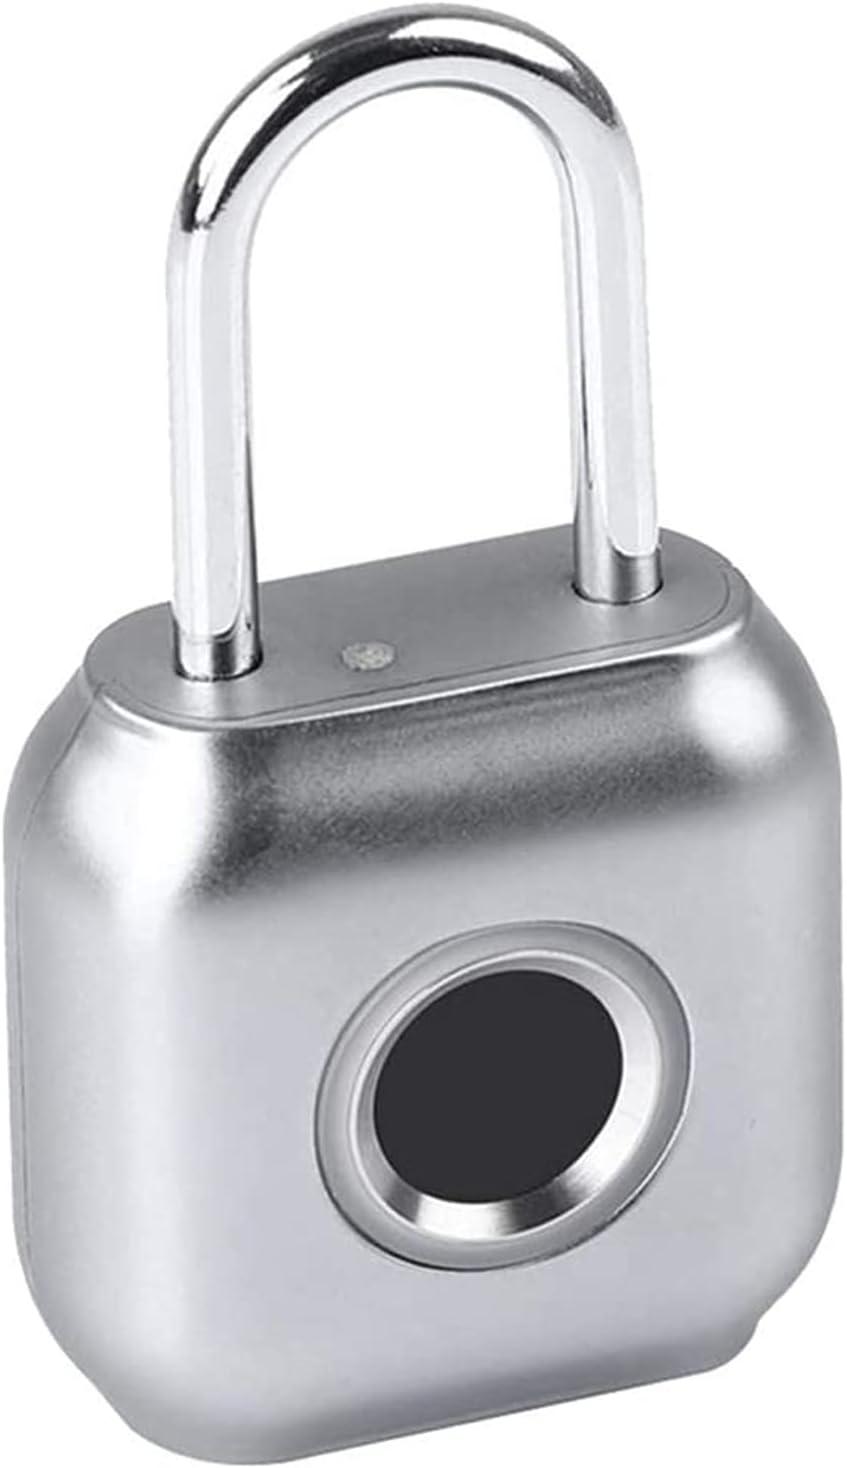 ELXSZJ Fashion XTZJ Smart Biometric Fingerprint Max 48% OFF USB Padlock Waterproof